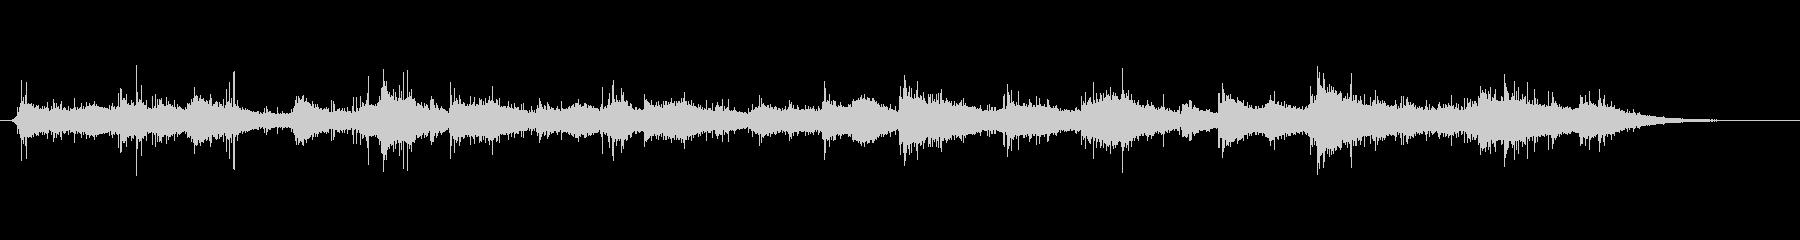 FI 機械 ダークレゾネーターコン...の未再生の波形